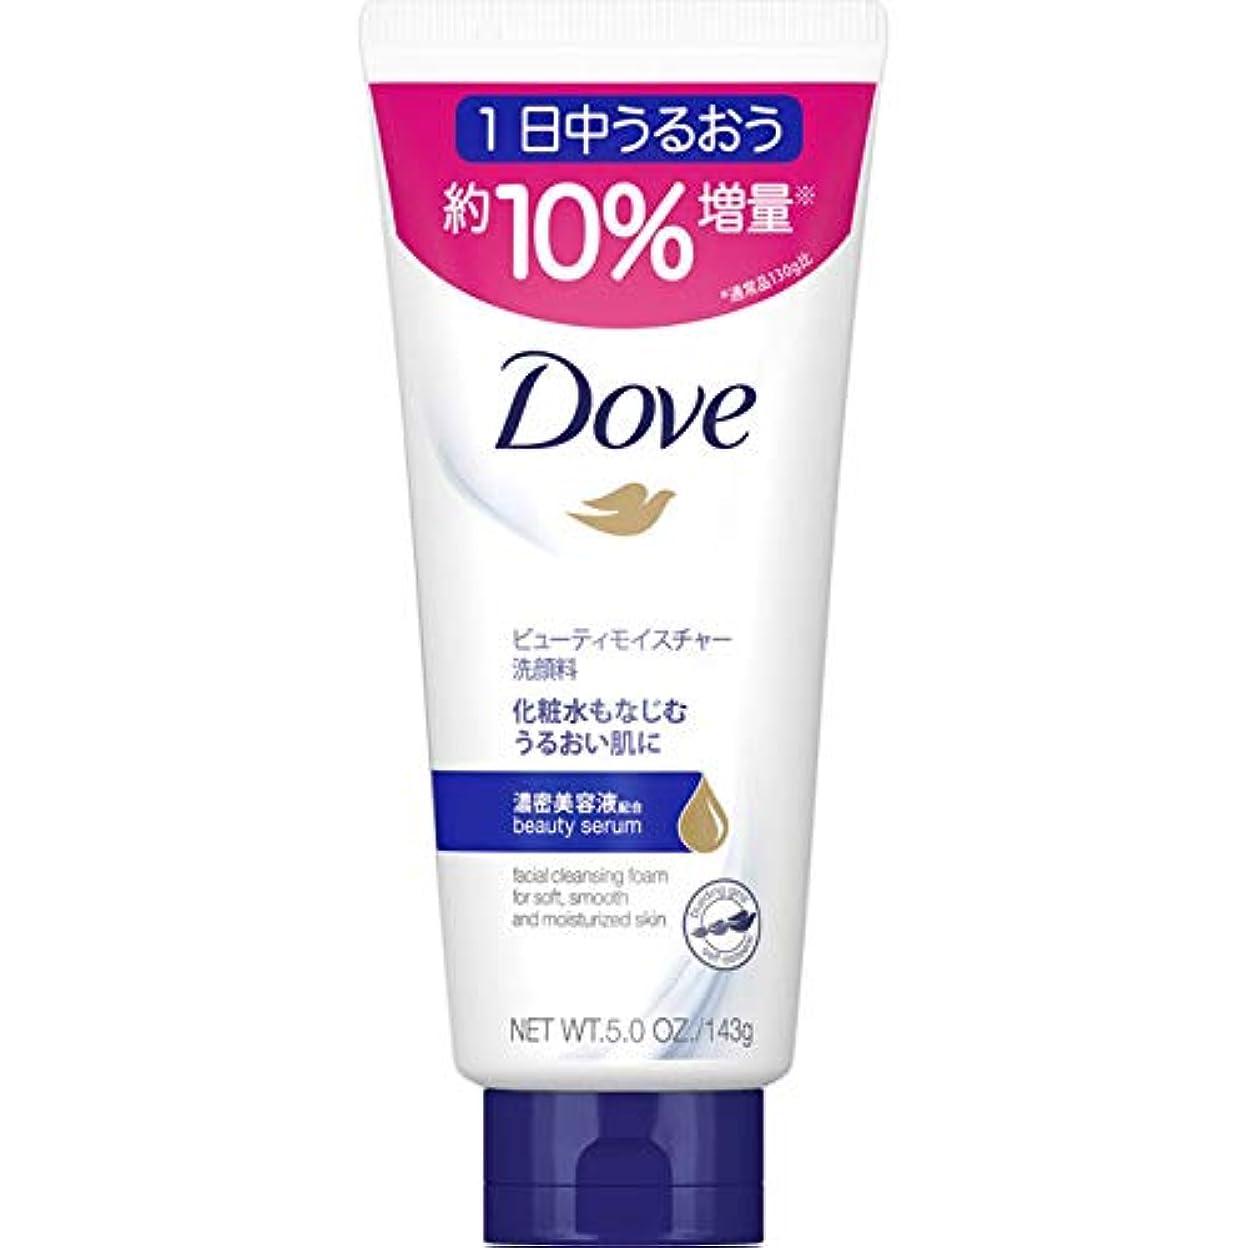 団結する日記制限ユニリーバ ダヴ ビューティ モイスチャー 洗顔料 10%増量品 143g